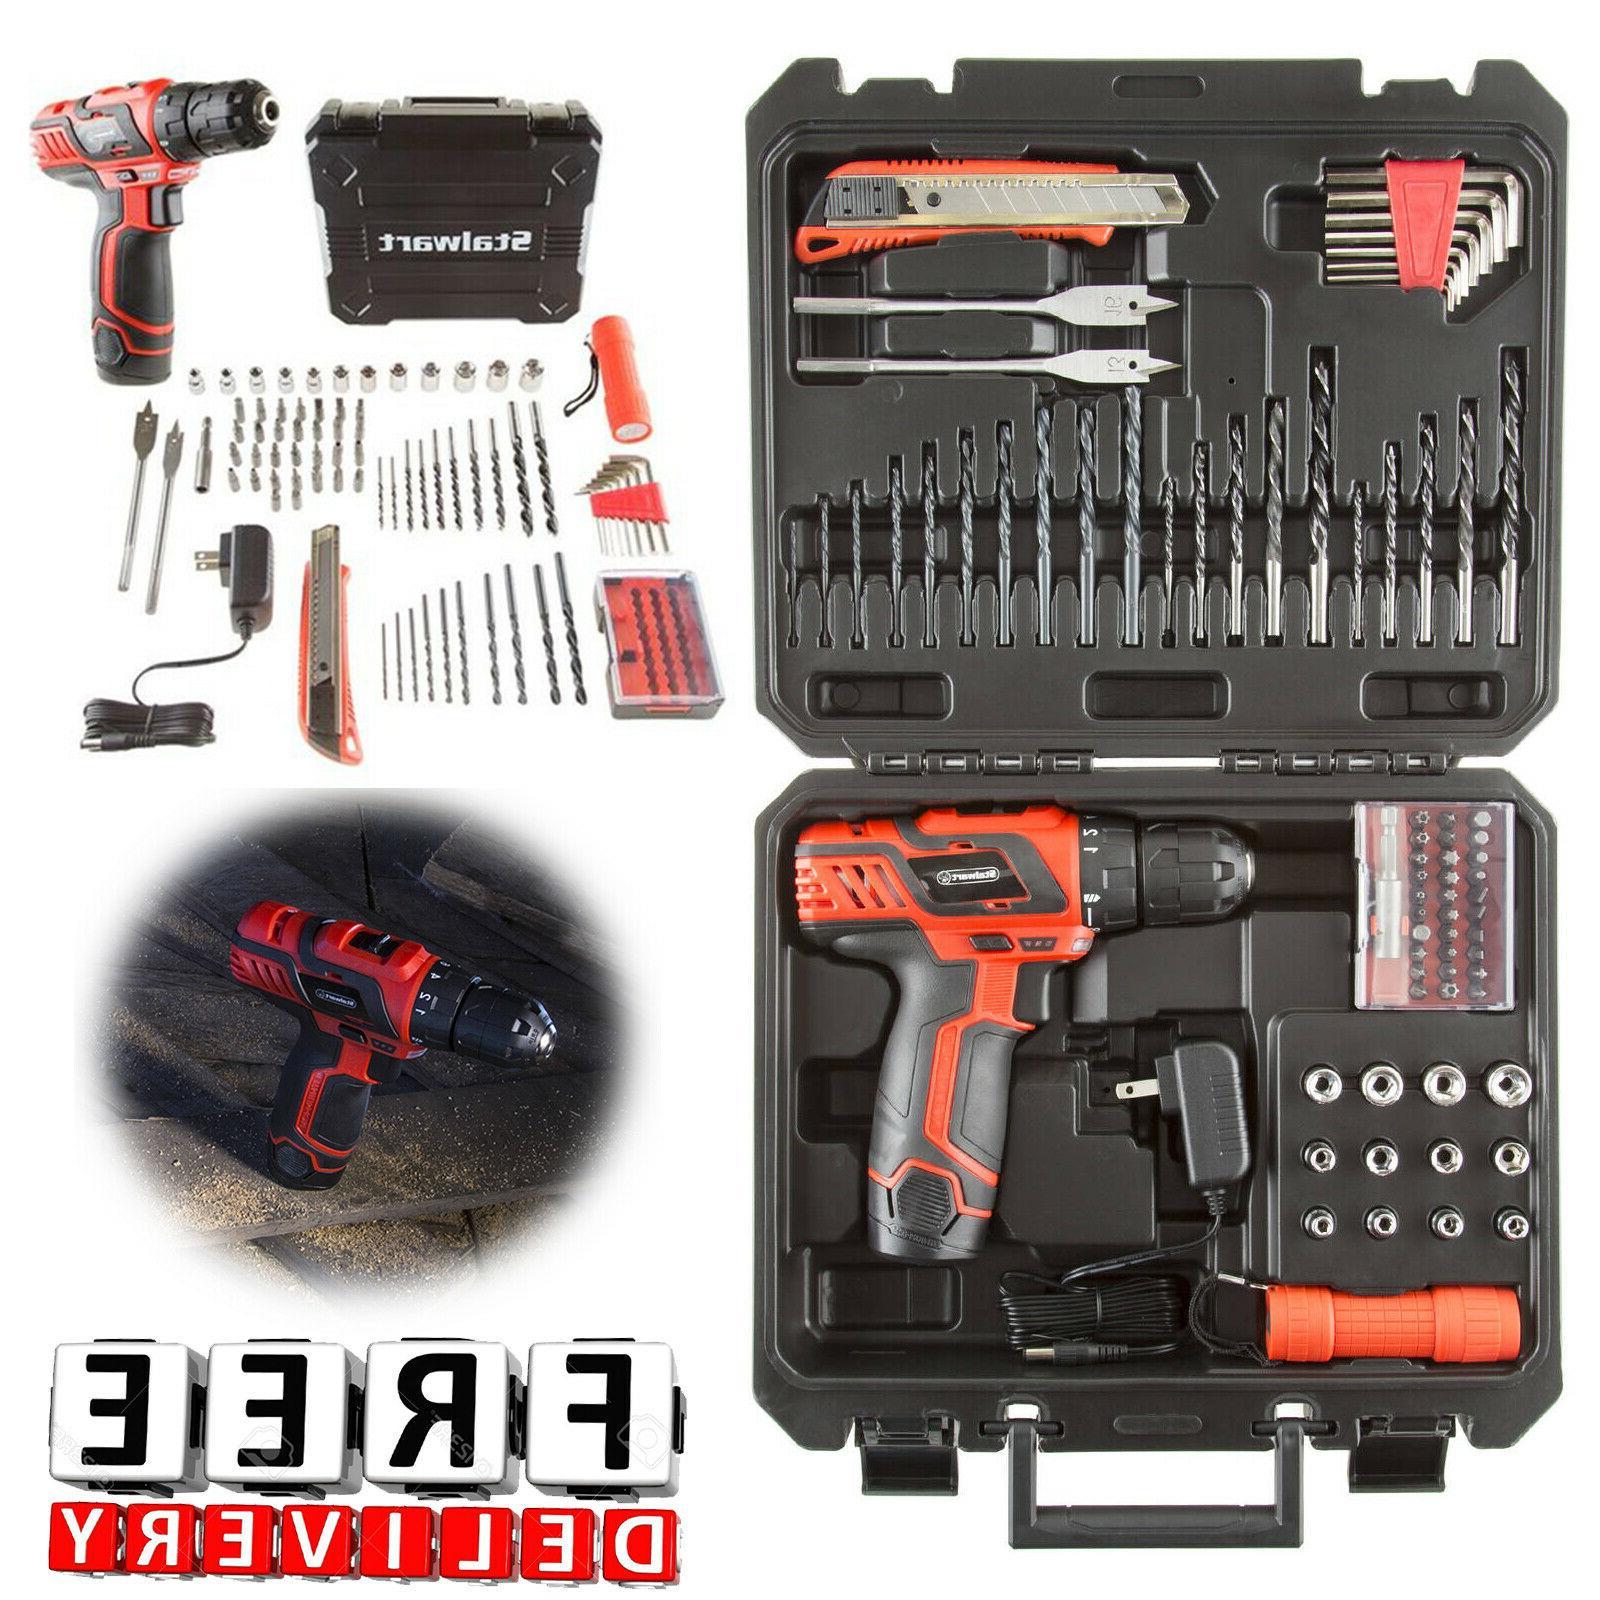 Cordless Drill Set 12V 75Pc Kit Case Battery Portable Driver